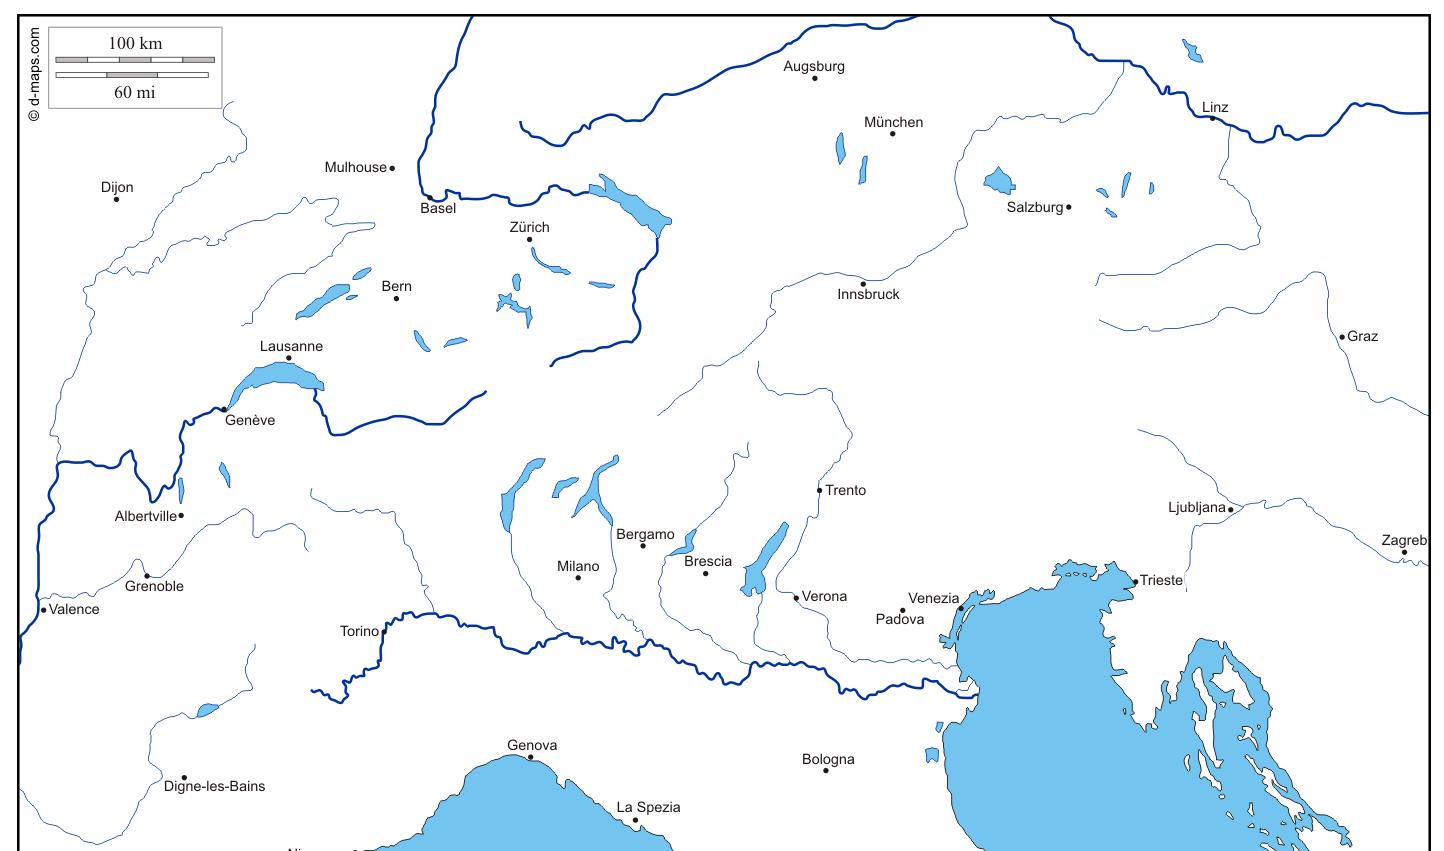 Cartes géographiques gratuites avec d-maps.com on